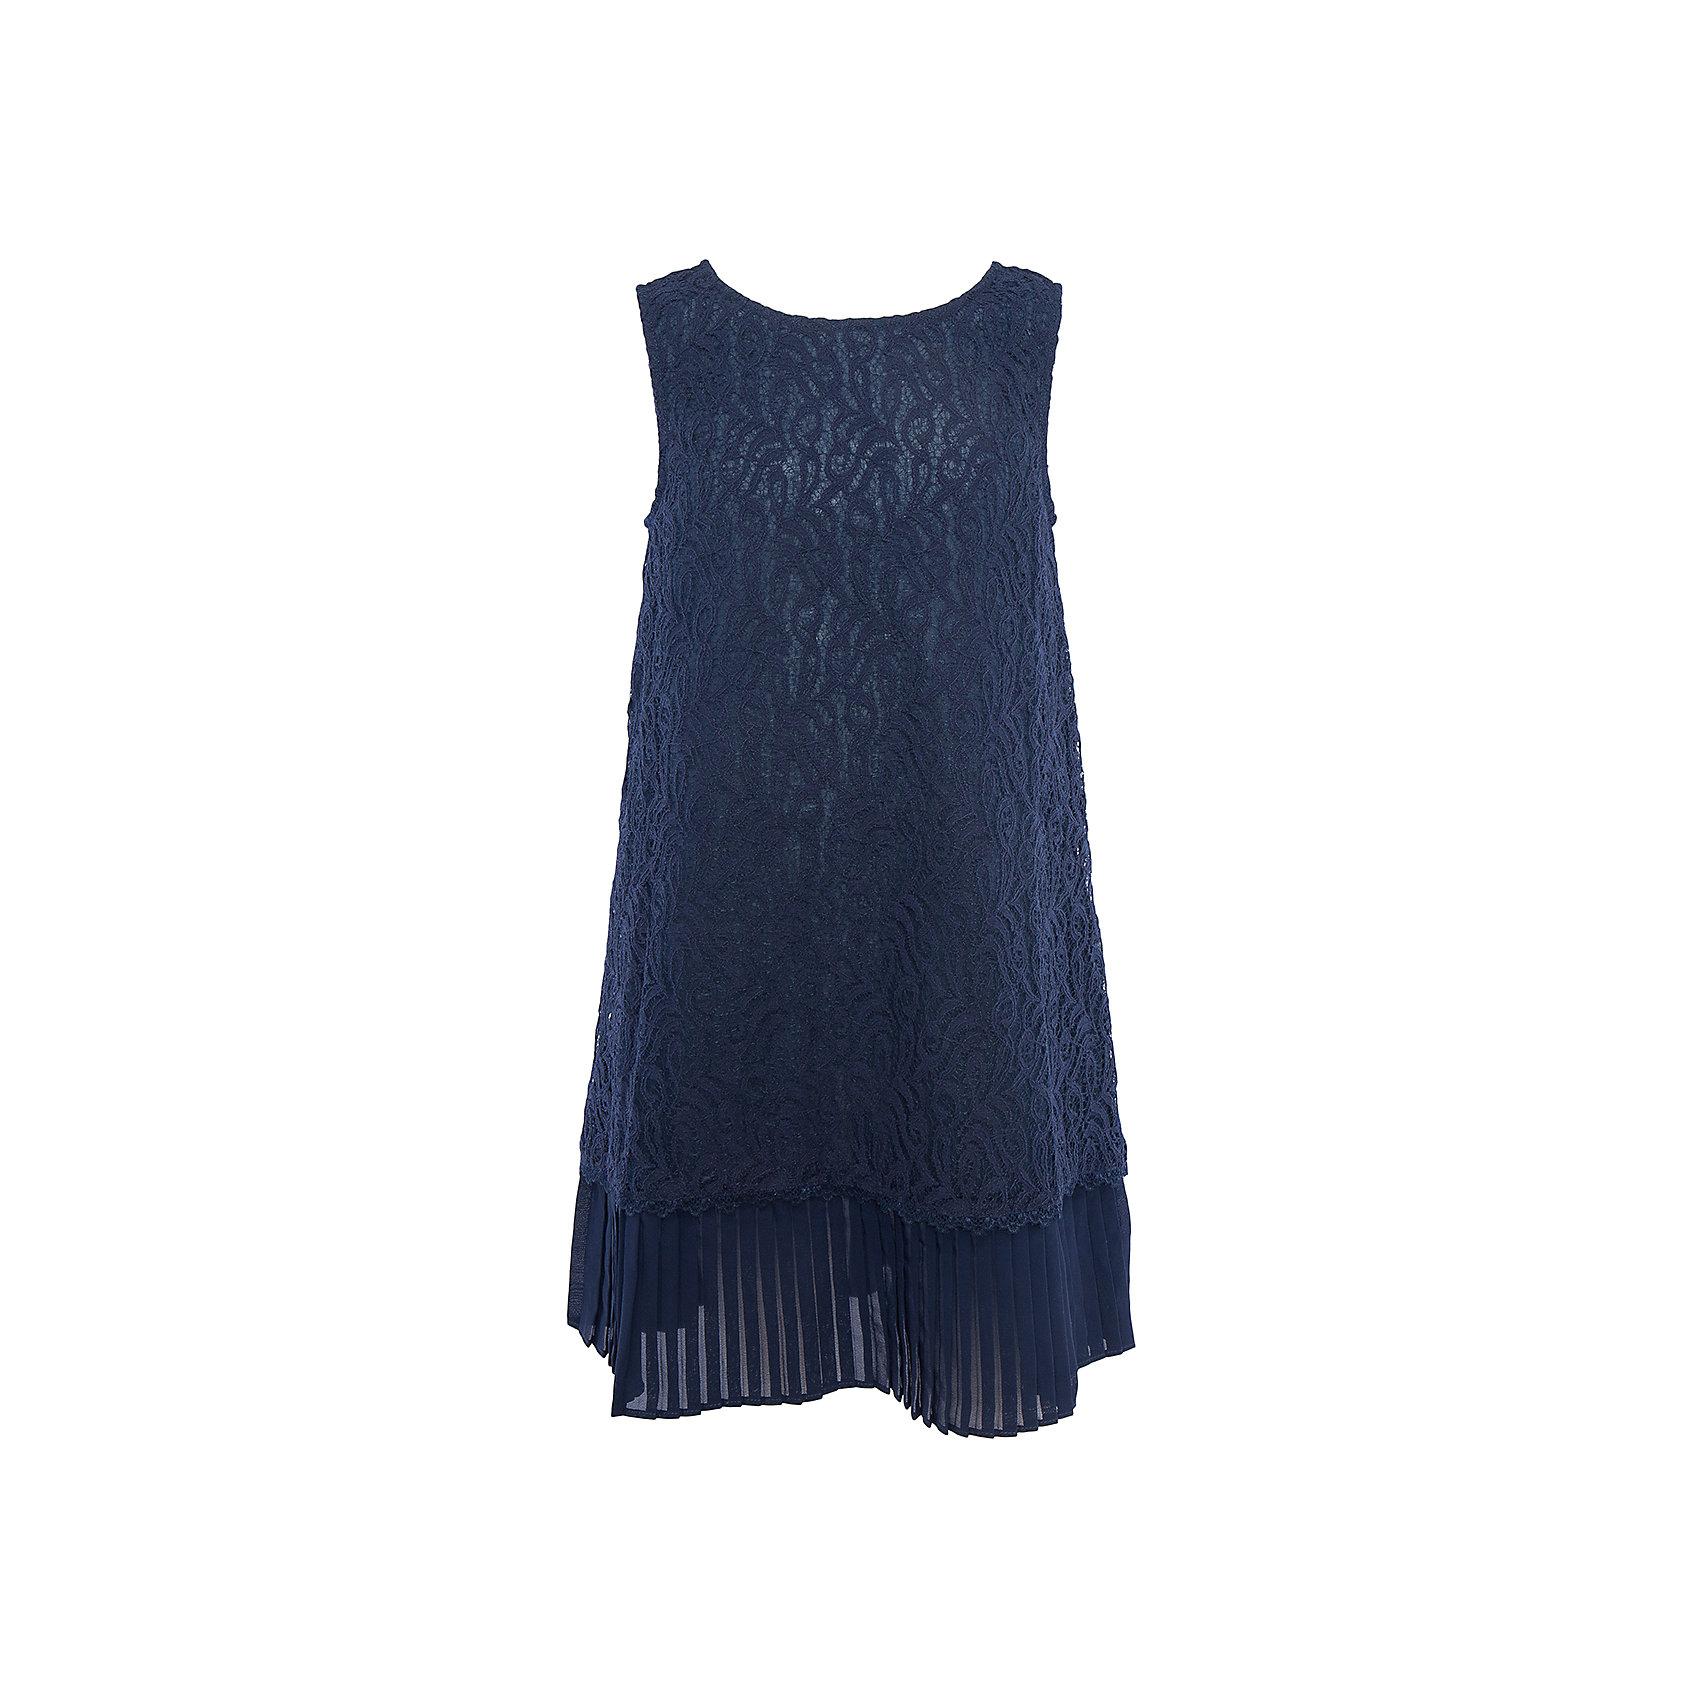 Нарядное платье для девочки ScoolХарактеристики:<br><br>• Вид одежды: праздничное платье<br>• Сезон: круглый год<br>• Материал: верх – 80% хлопок, 20% полиамид, подкладка – 100% хлопок<br>• Цвет: темно-синий<br>• Силуэт: прямой<br>• Длина платья: миди<br>• Рукав: без рукавов<br>• Вырез горловины: круглый<br>• Застежка: молния<br>• Особенности ухода: ручная стирка без применения отбеливающих средств, глажение при низкой температуре <br><br>Scool – это линейка детской одежды и обуви, которая предназначена как для повседневности, так и для праздников. Большинство моделей выполнены в классическом стиле, сочетающем в себе традиции с яркими стильными элементами и аксессуарами. Весь ассортимент одежды и обуви Scool сочетается между собой по стилю и цветовому решению, поэтому Вам будет легко сформировать гардероб вашего ребенка, который отражает его индивидуальность. <br>Платье для девочки Scool с подкладкой выполнено из гипюра темно-синего цвета. Изделие имеет классический крой: прямой силуэт и круглую горловину. Низ изделия декорирован плиссированной отделкой, благодаря чему создается многослойность и объем по низу платья. Сзади на спинке имеется застежка молния. Платье для девочки Scool, – это стиль и элегантность.<br><br>Платье для девочки Scool, можно купить в нашем интернет-магазине.<br><br>Ширина мм: 236<br>Глубина мм: 16<br>Высота мм: 184<br>Вес г: 177<br>Цвет: синий<br>Возраст от месяцев: 96<br>Возраст до месяцев: 108<br>Пол: Женский<br>Возраст: Детский<br>Размер: 134,146,140<br>SKU: 5078569